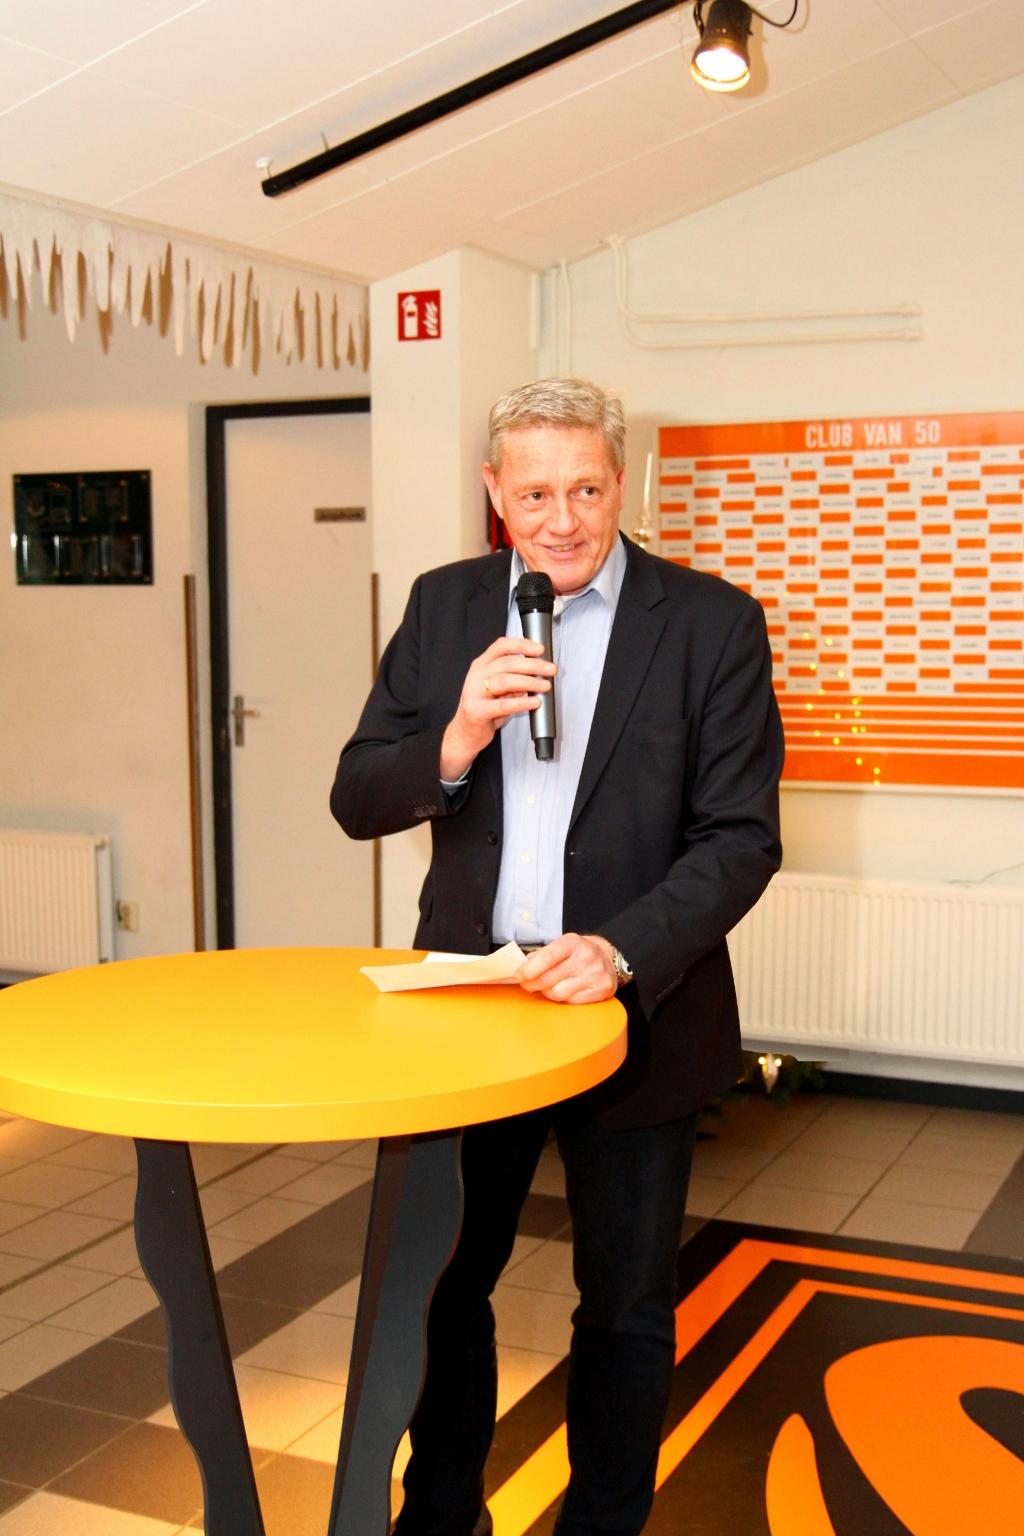 Voorzitter Jaap van Dijk: 'Ik hoop iedereen straks weer gezond op de club te zien om dan samen de draad weer op te pakken'. Ton Koorevaar © hartvanlansingerland